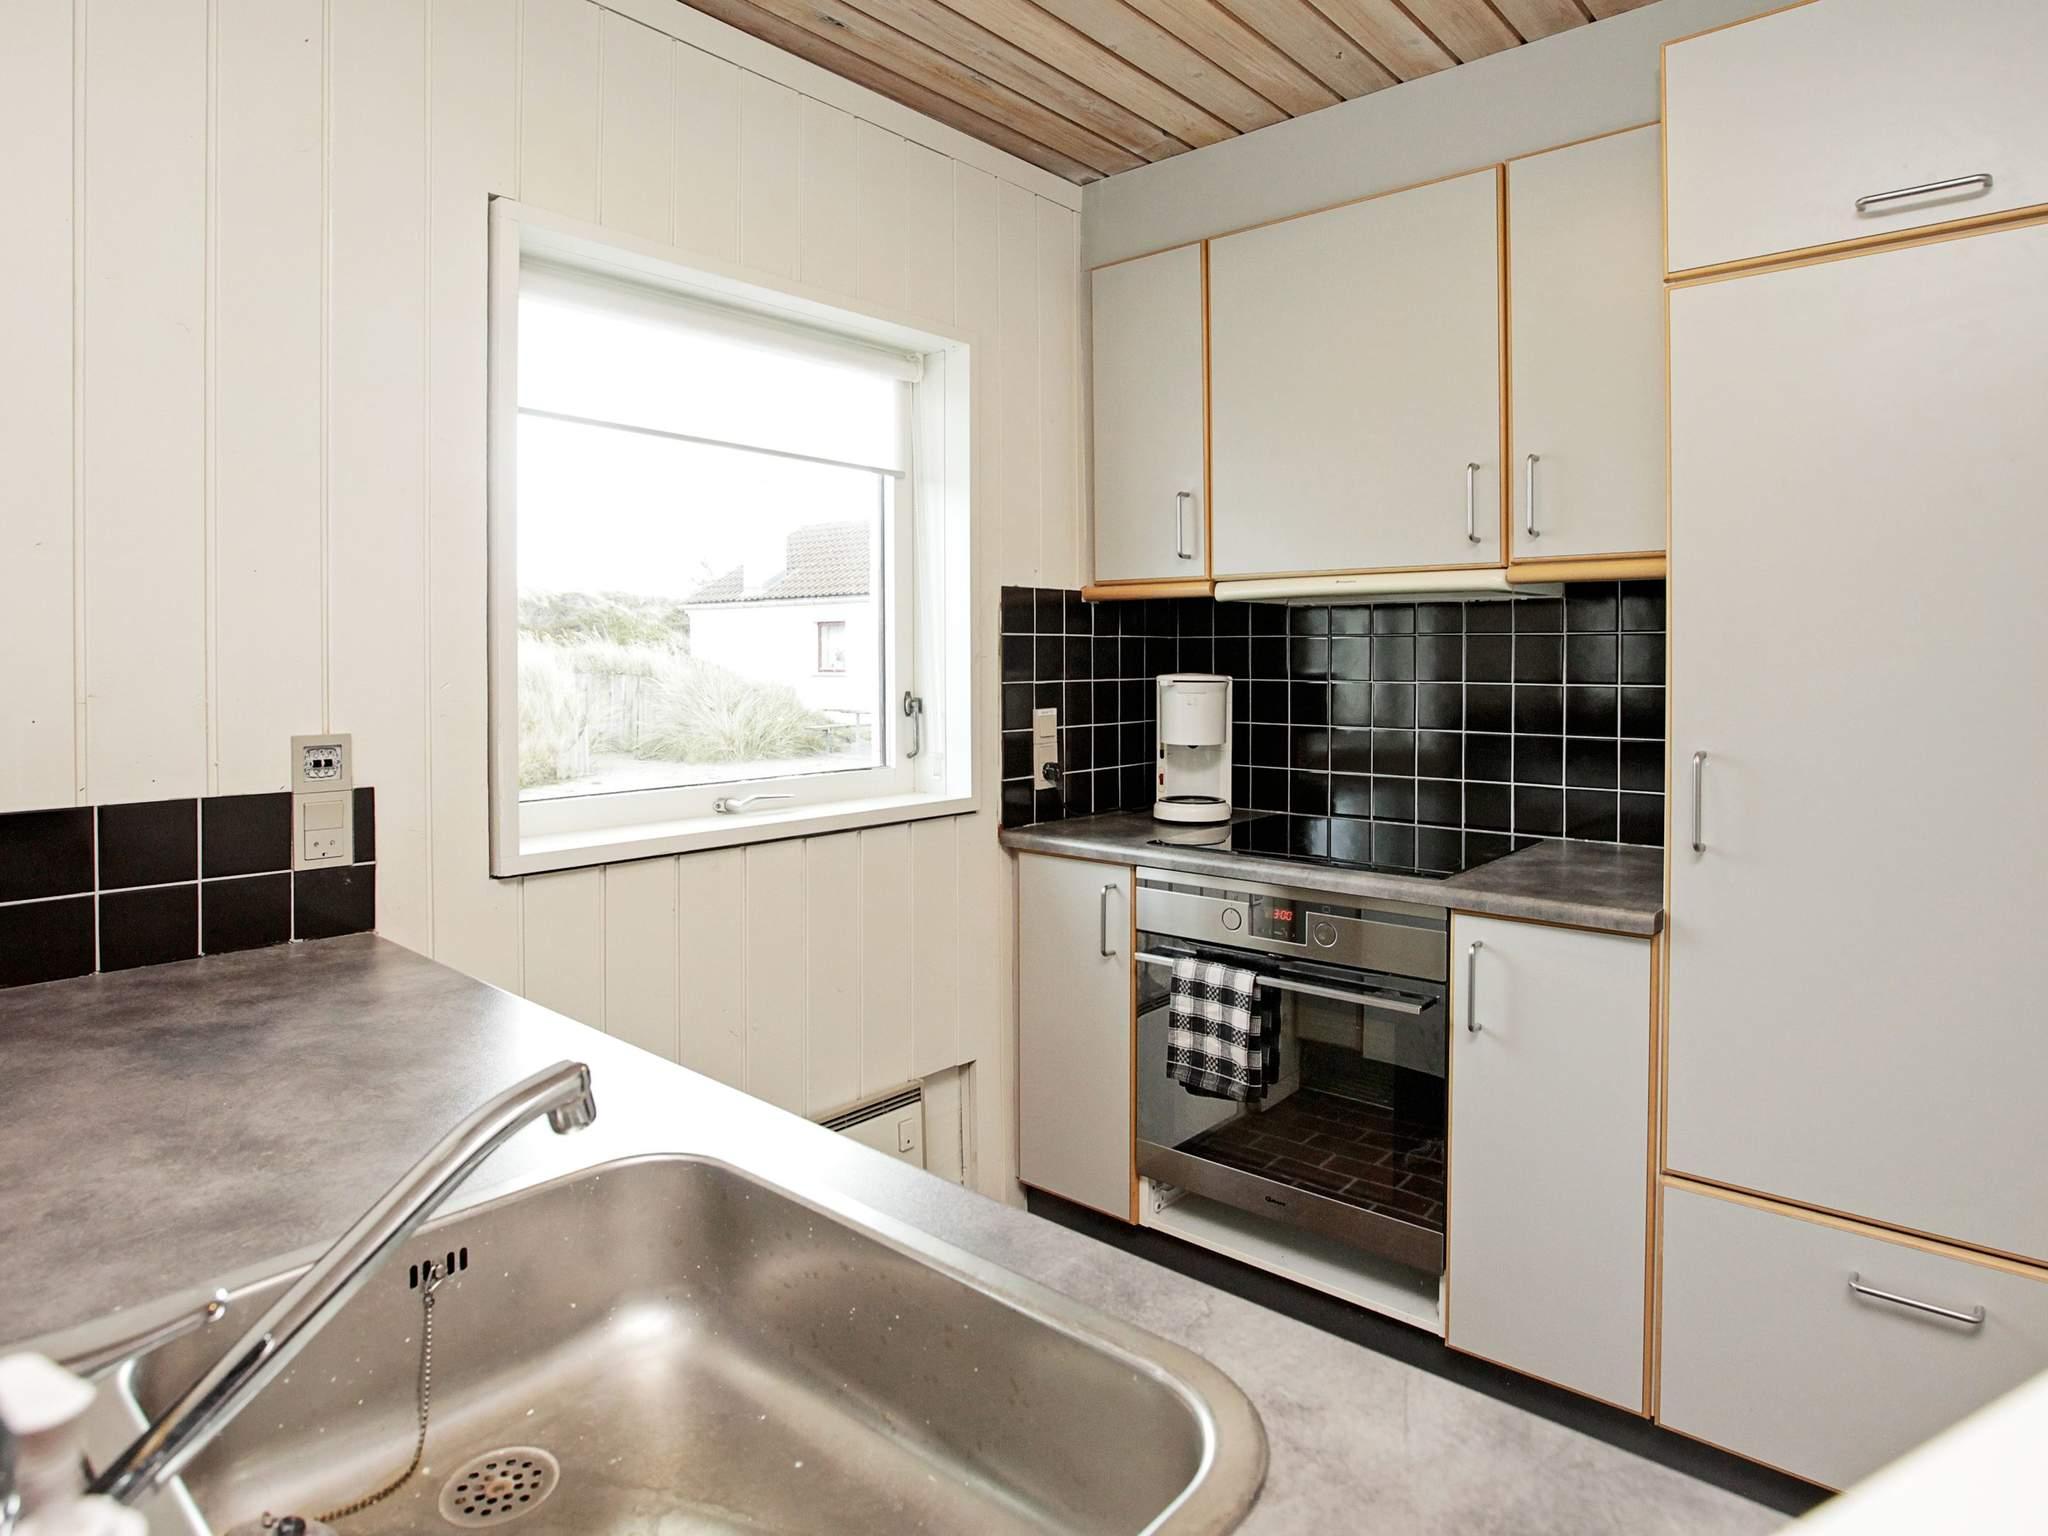 Ferienhaus Rødhus (2003420), Rødhus Klit, , Nordwestjütland, Dänemark, Bild 5